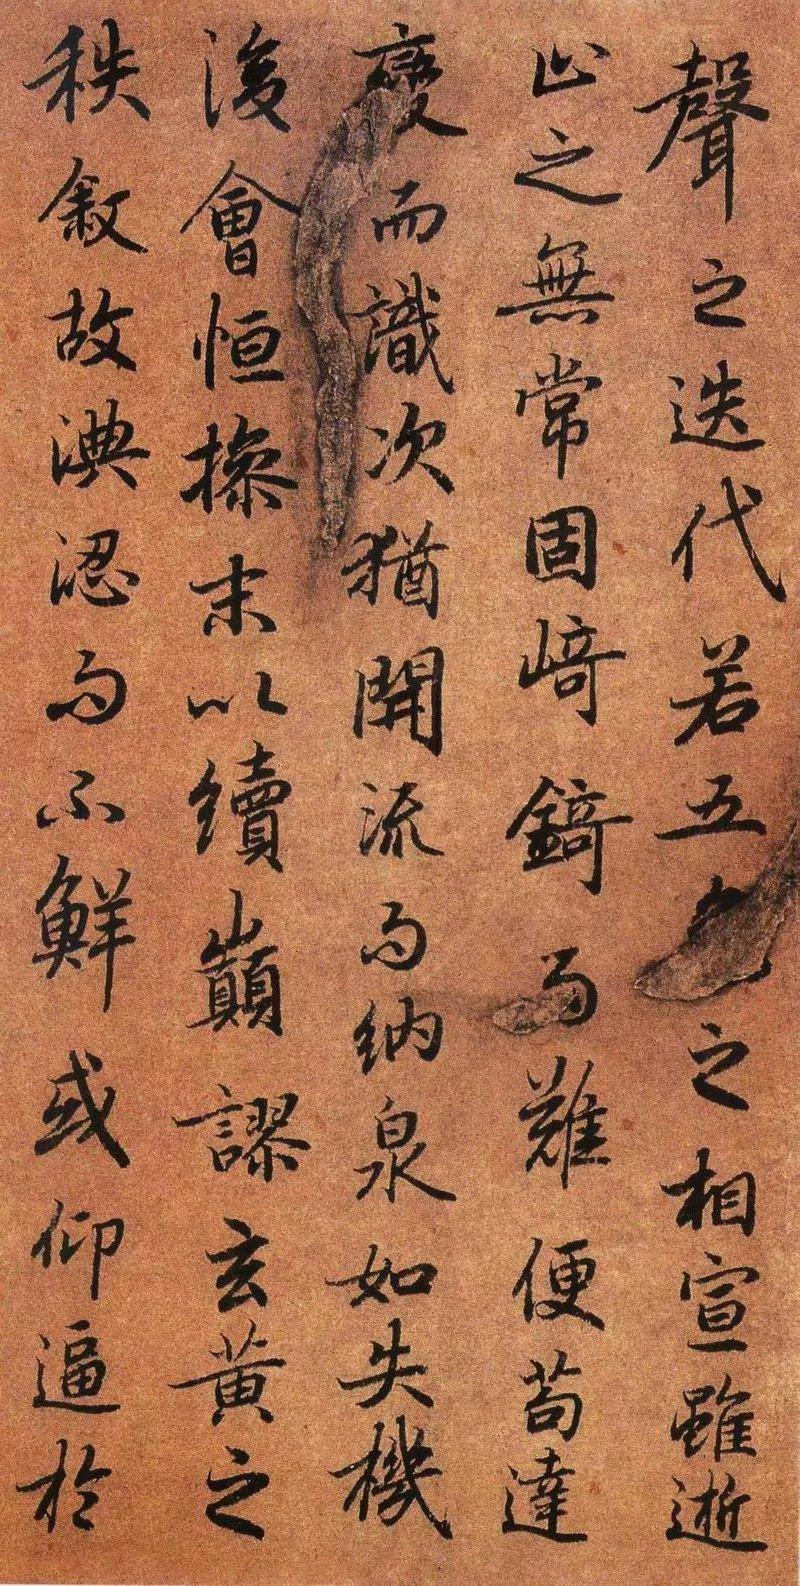 Bi thiếp bản điện thoại - Lục Giản Chi (Văn Phú)